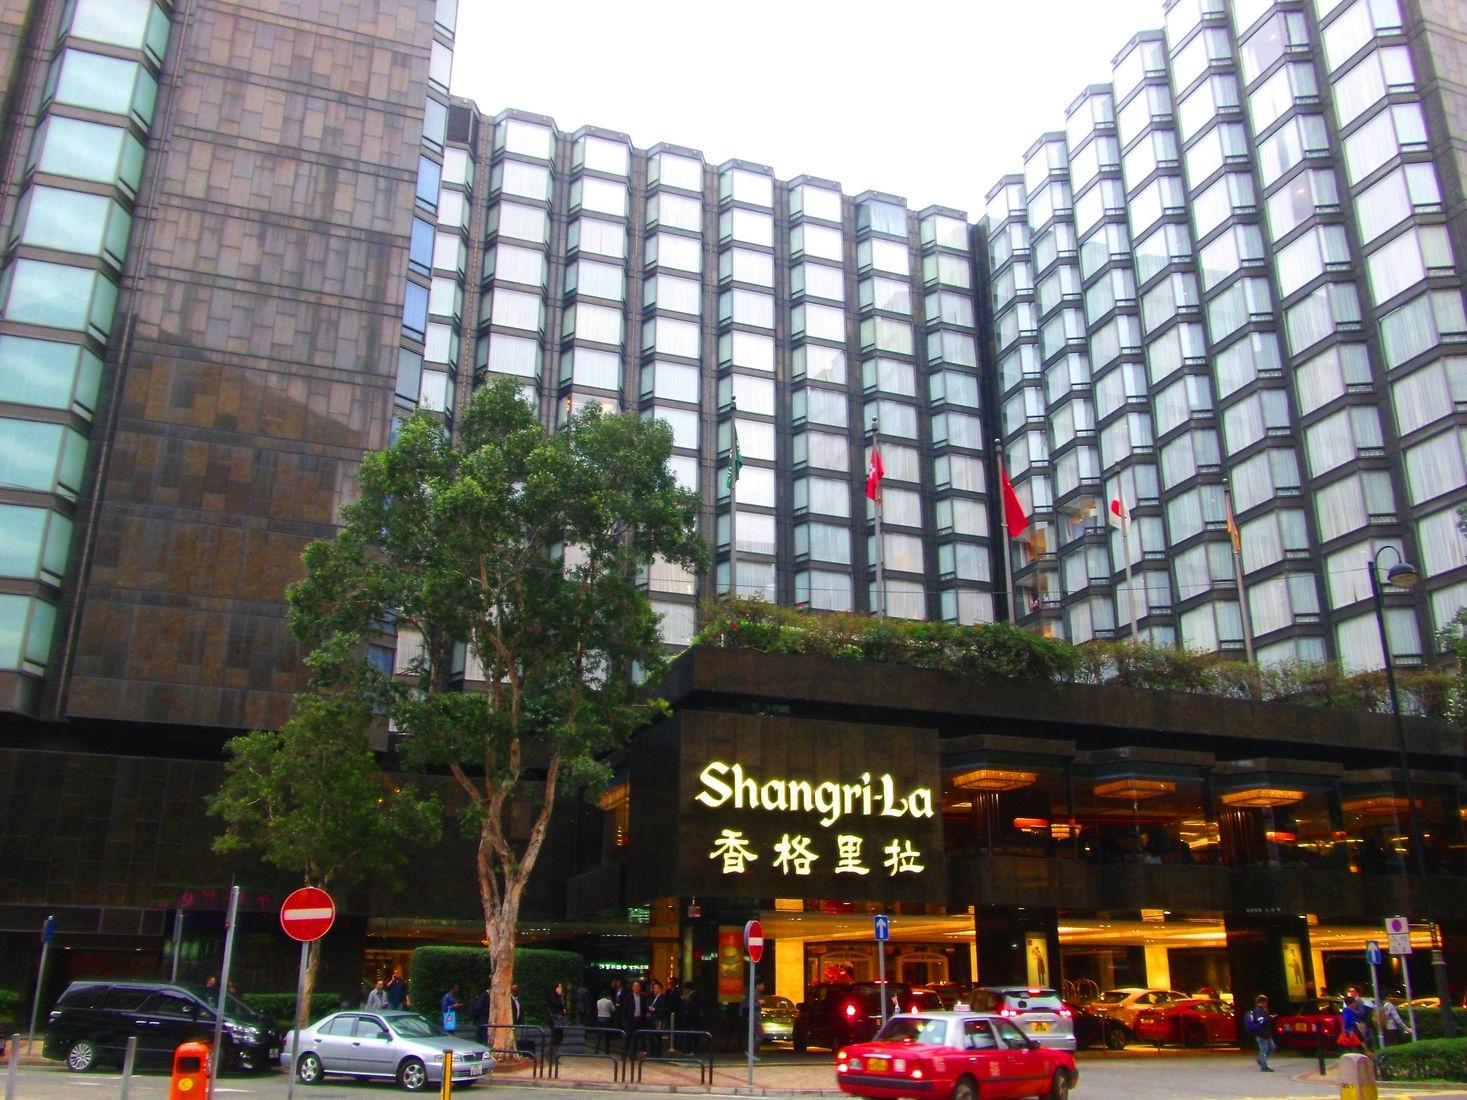 Kowloon Shangrila Hotel